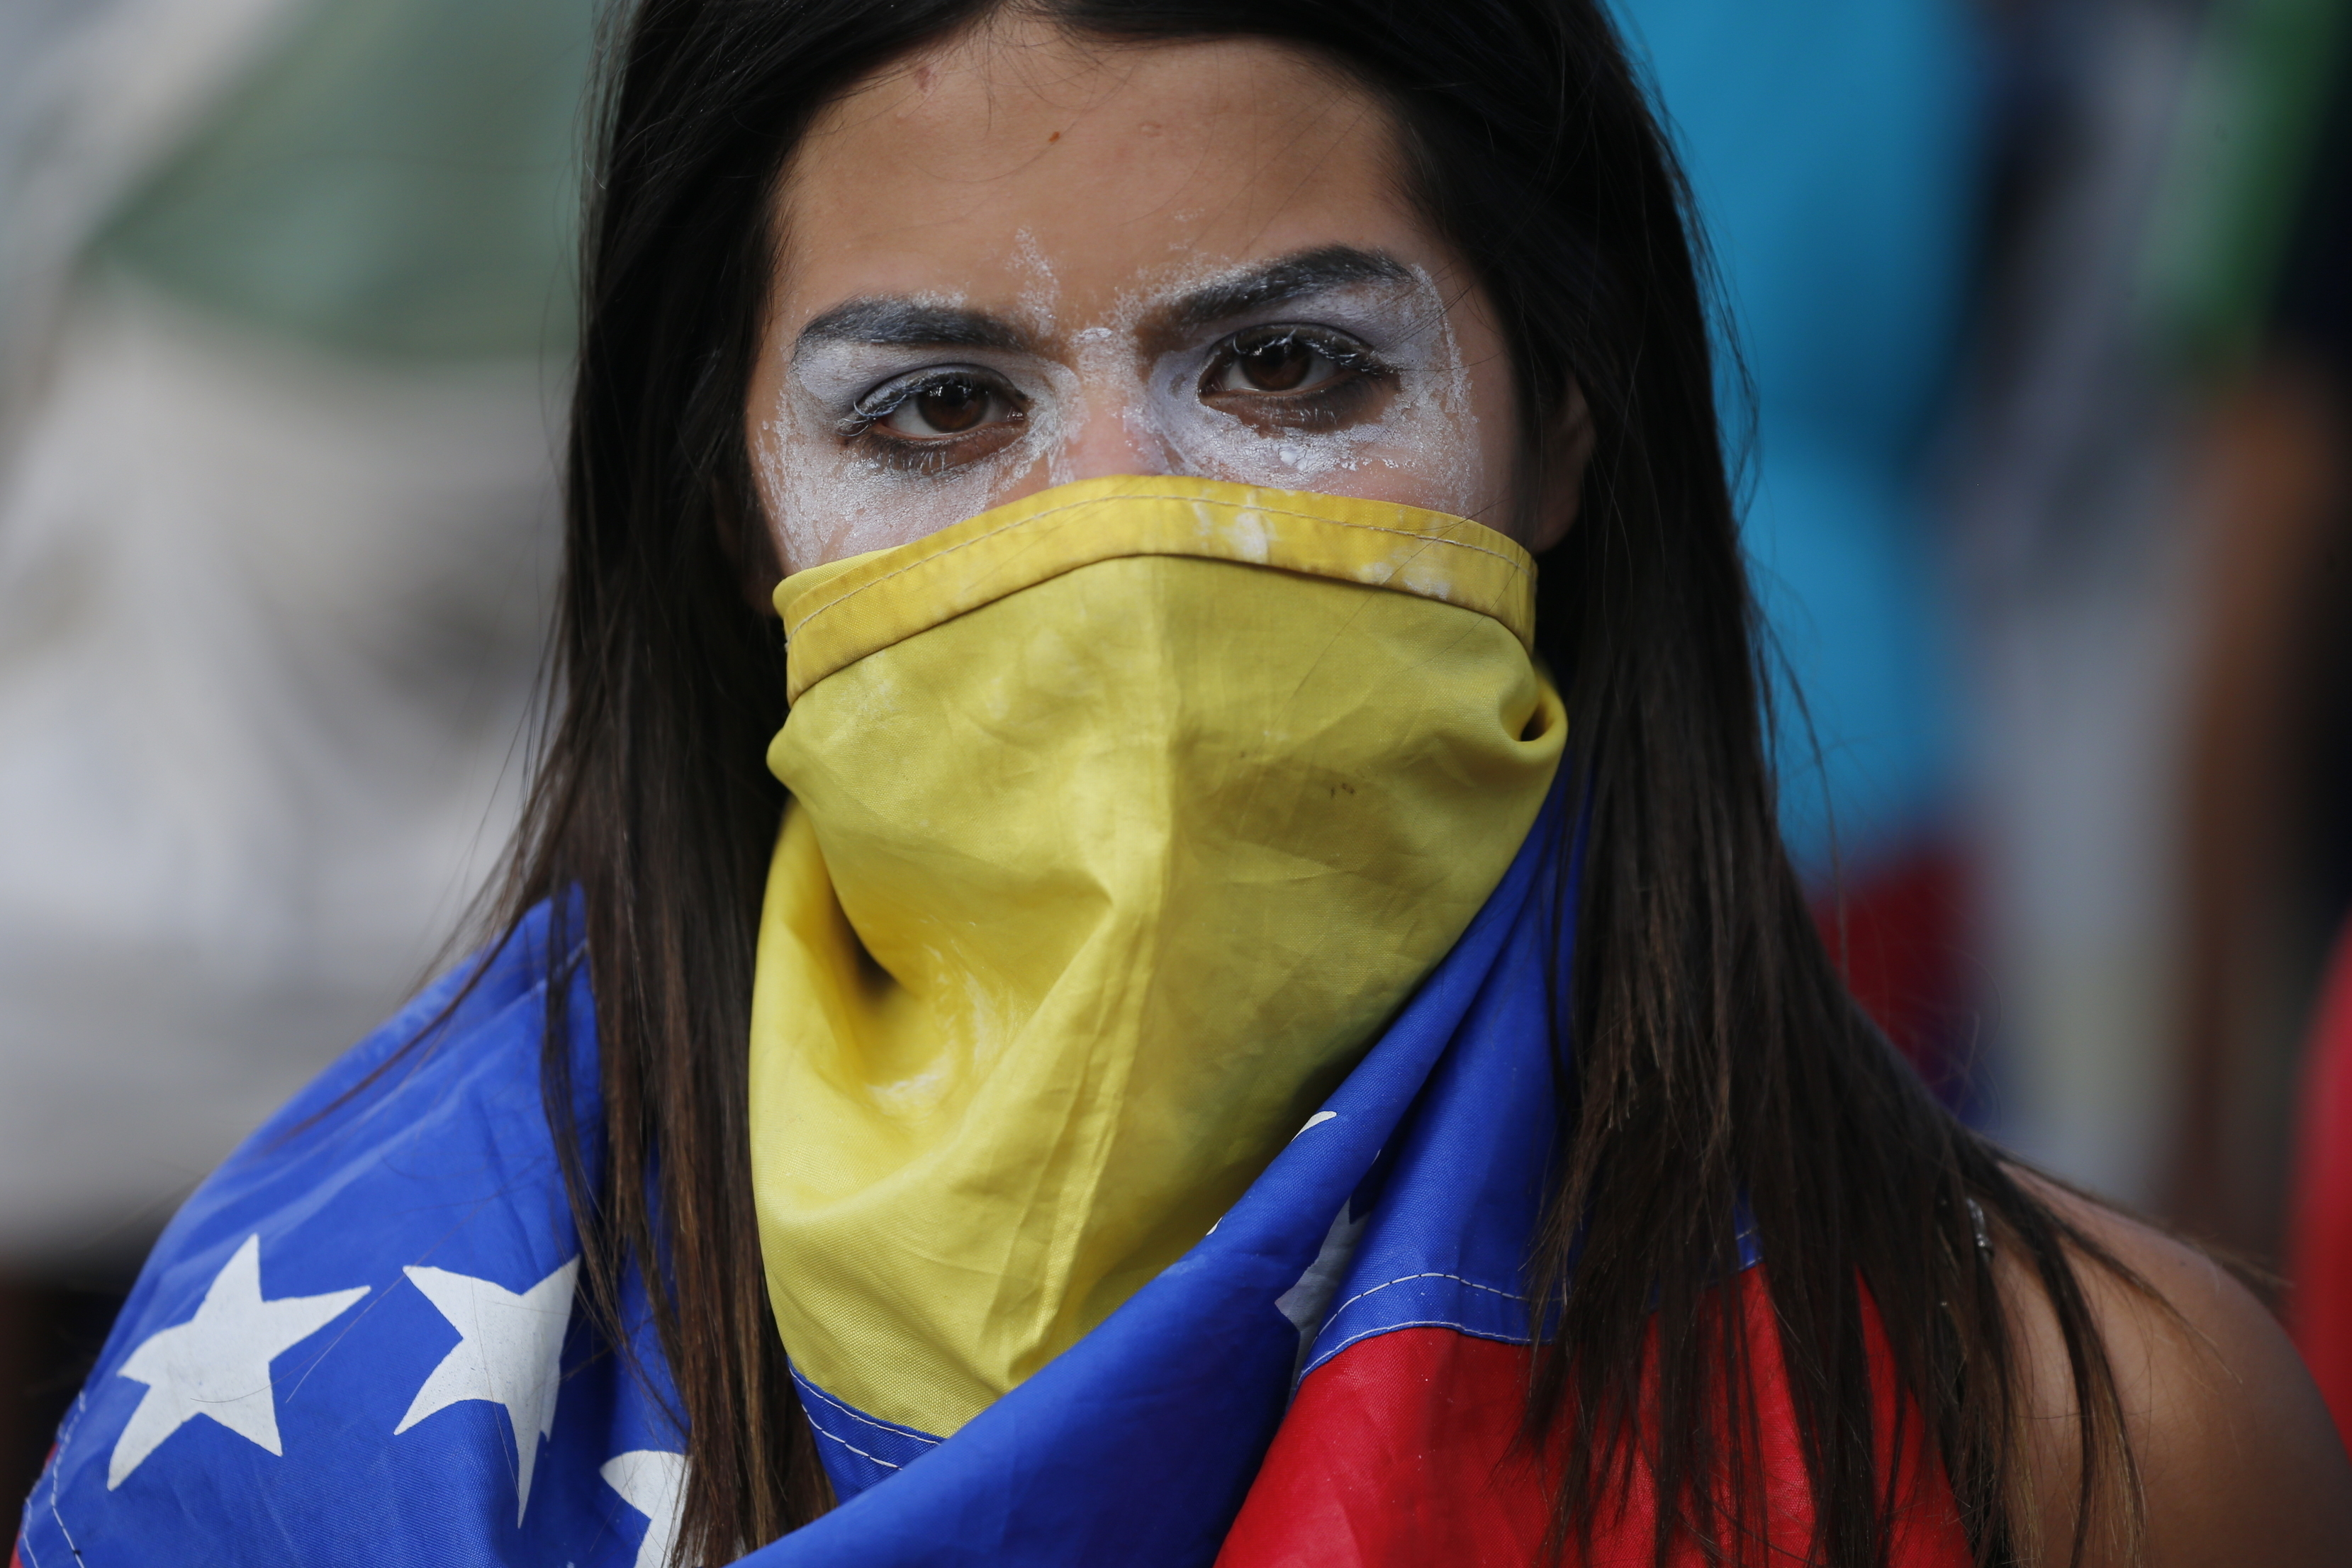 Una manifestante antigubernamental, con la cara tapada por una bandera de Venezuela y pasta dentífrica alrededor de los ojos para mitigar el efecto de los gases lacrimógenos, durante enfrentamiento con las fuerzas de seguridad tras una protesta para exigir la renuncia del presidente del país, Nicolás Maduro, en Caracas, Venezuela, el 23 de enero de 2019. (AP Foto/Fernando Llano)